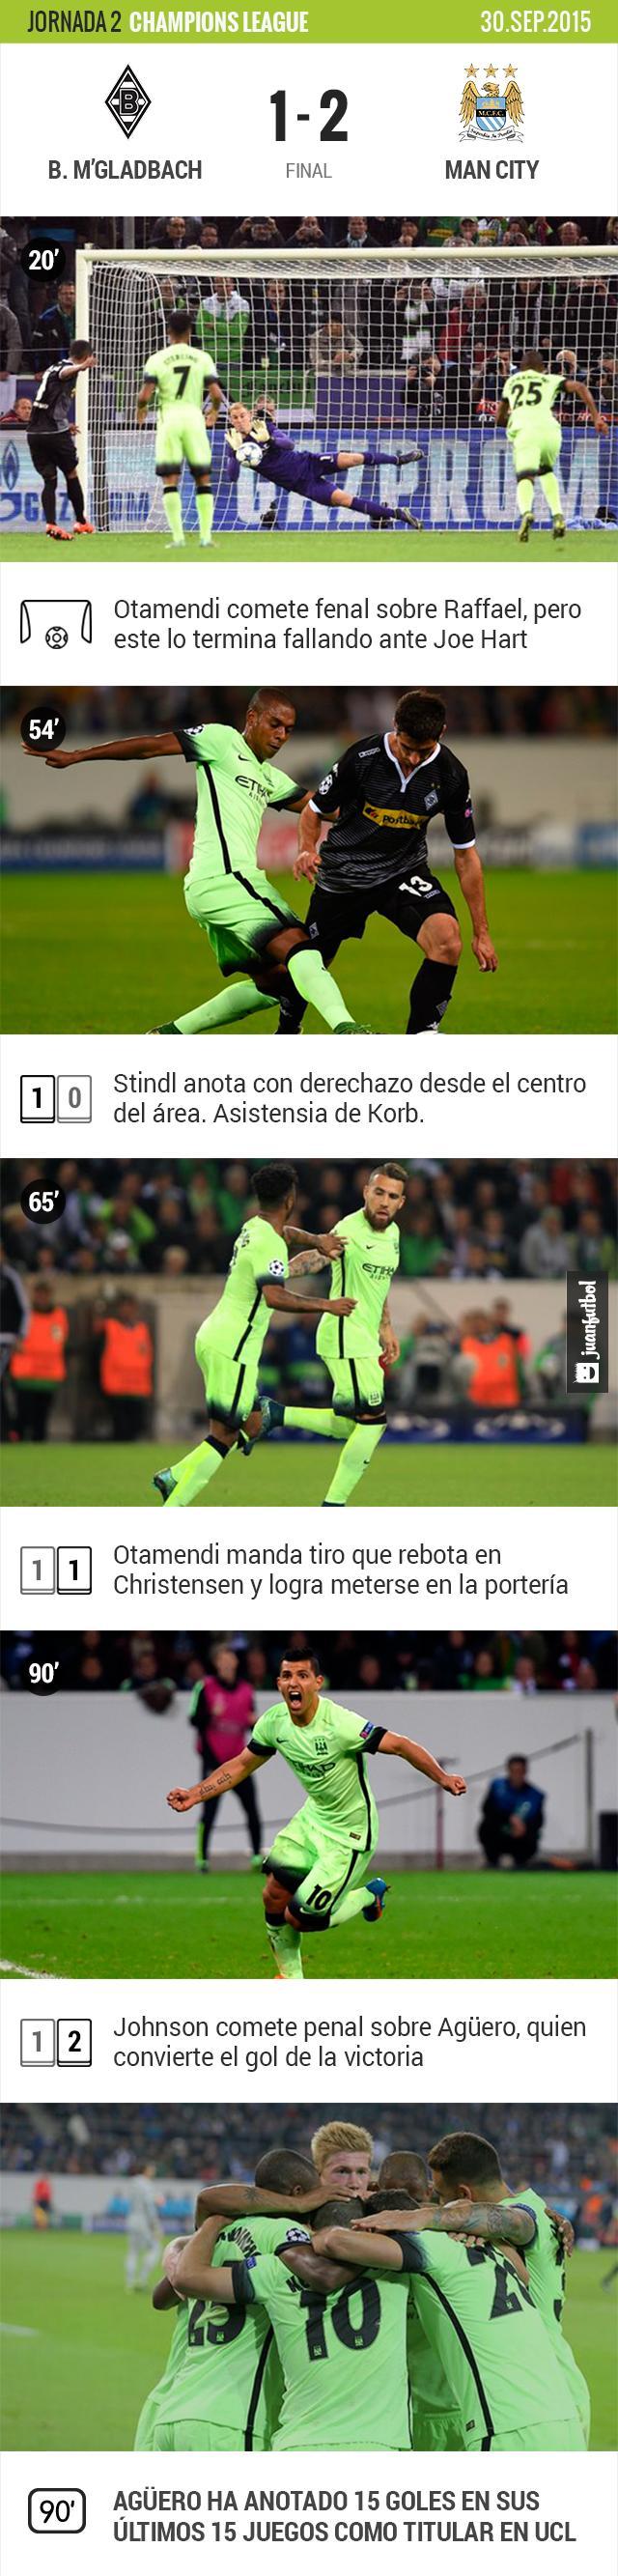 Manchester City logra la remontada contra el Borussia Monchengladbach en la segunda jornada de Champions League